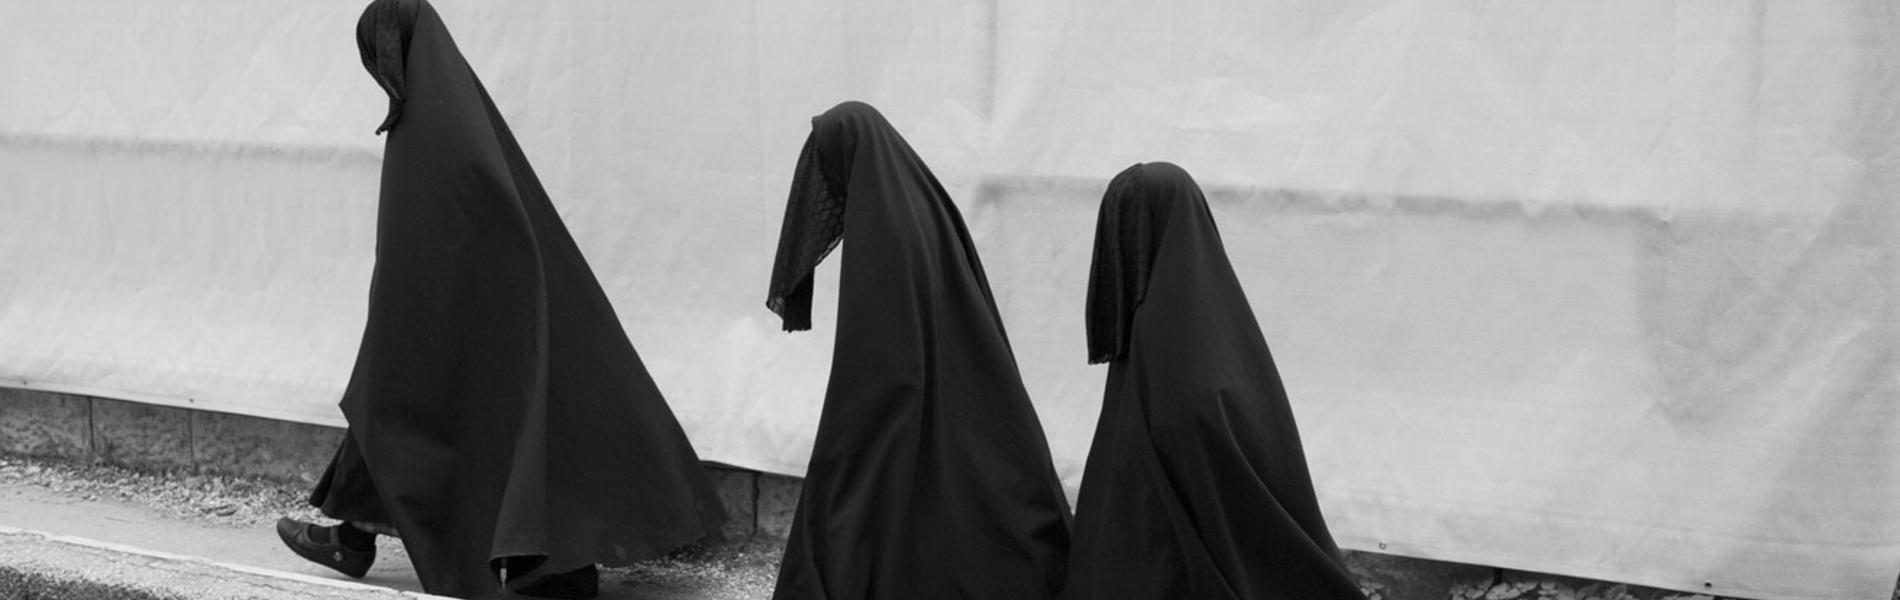 נשות הטאליבן הישראליות: הצצה לחייהן של הנשים החרדיות בבורקה